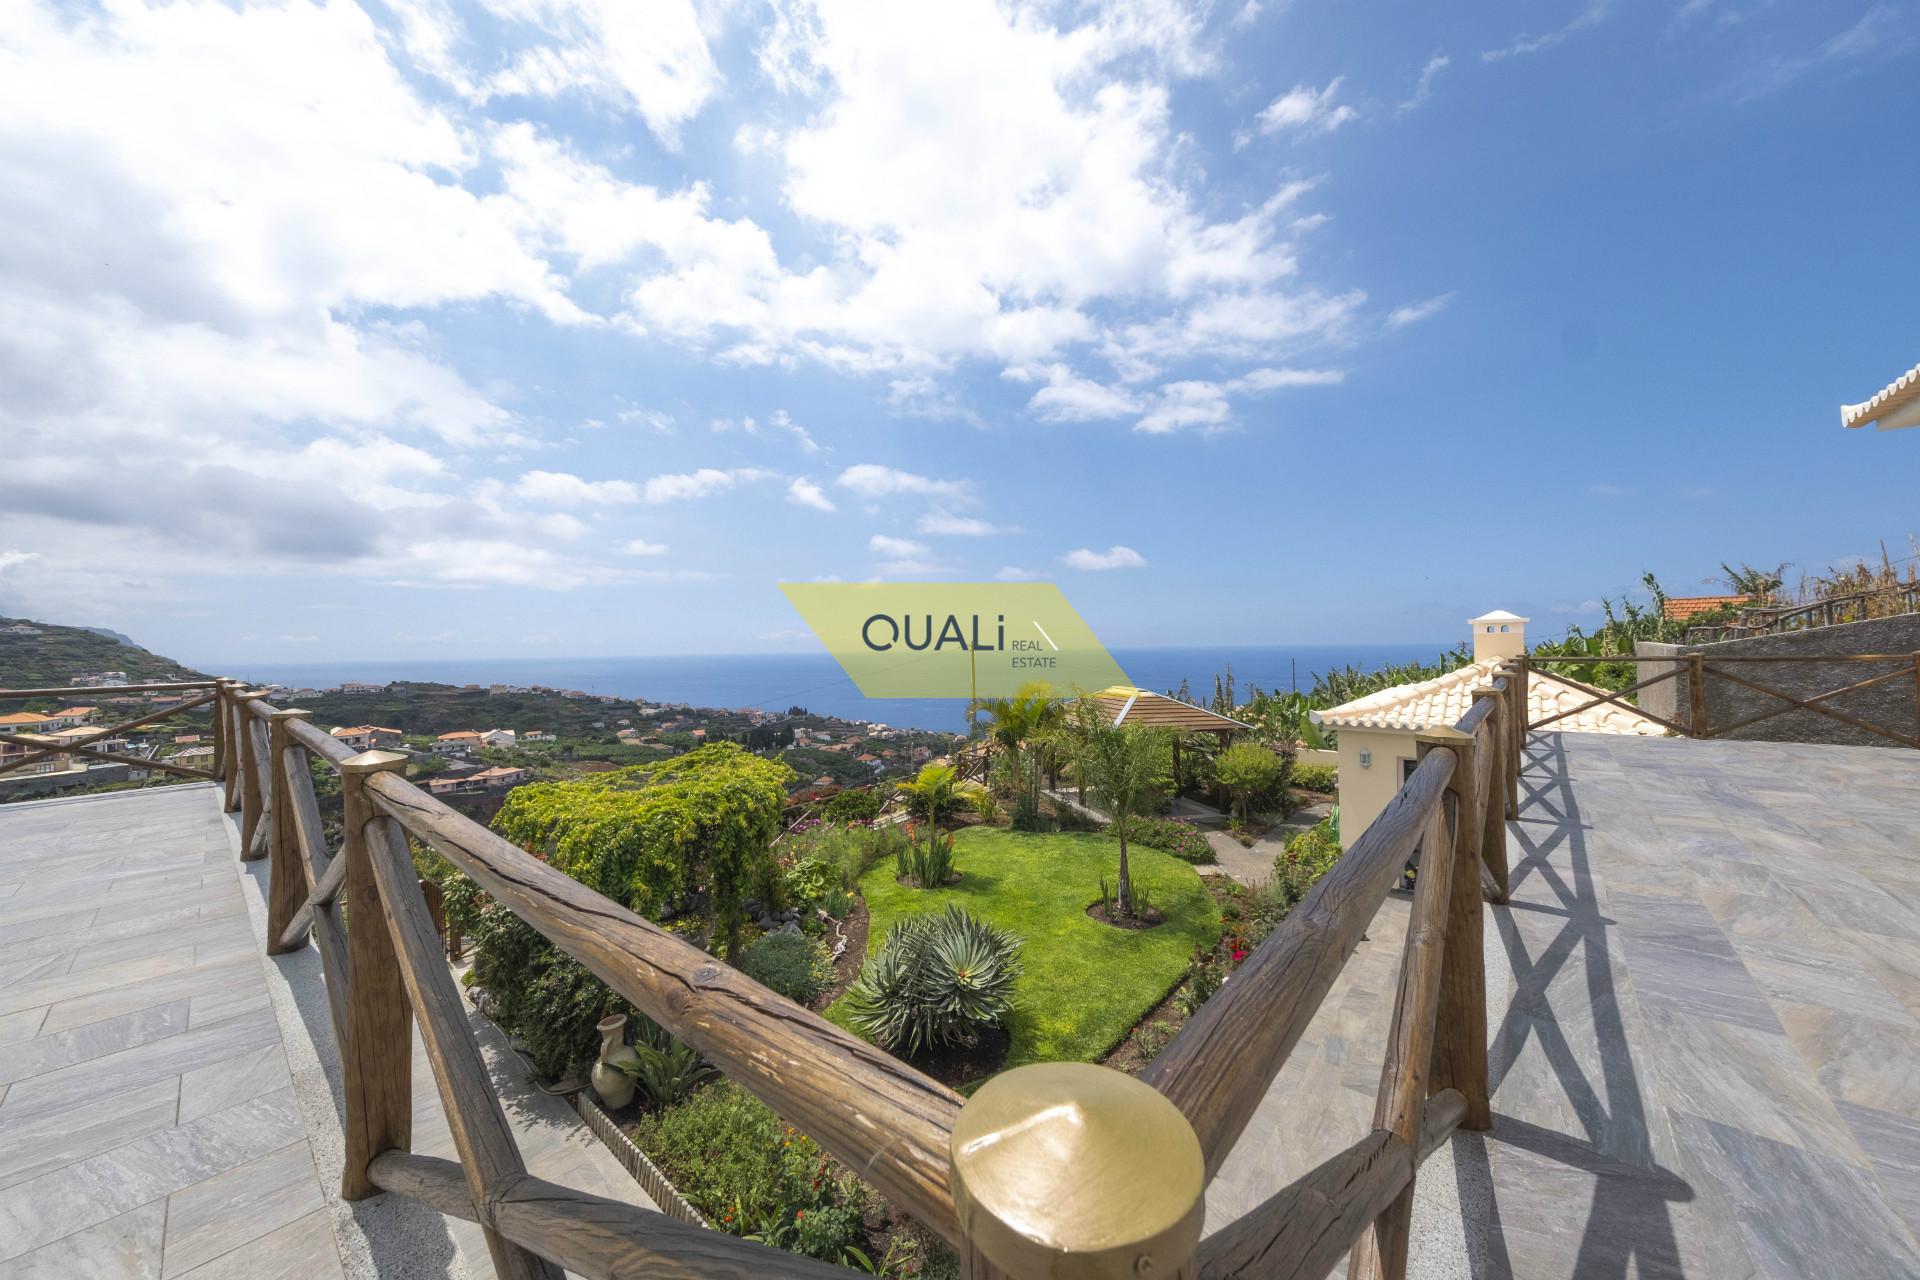 Einfamilienhaus in Ponta do Sol, Madeira - € 795.000,00